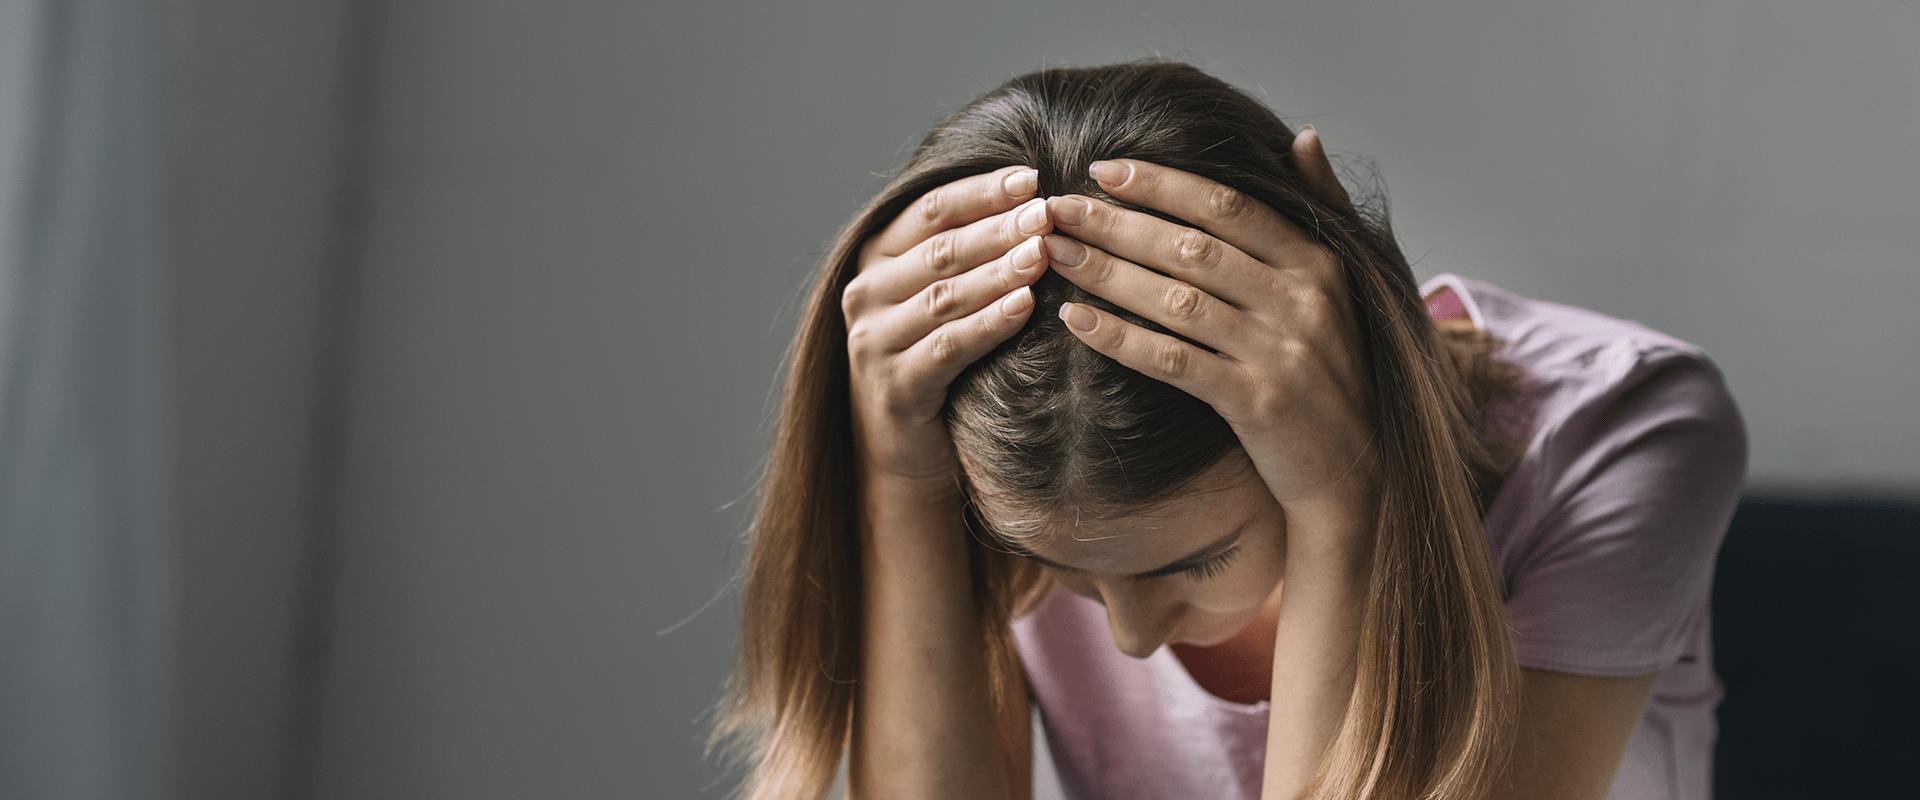 tratamiento-depresion-vlc